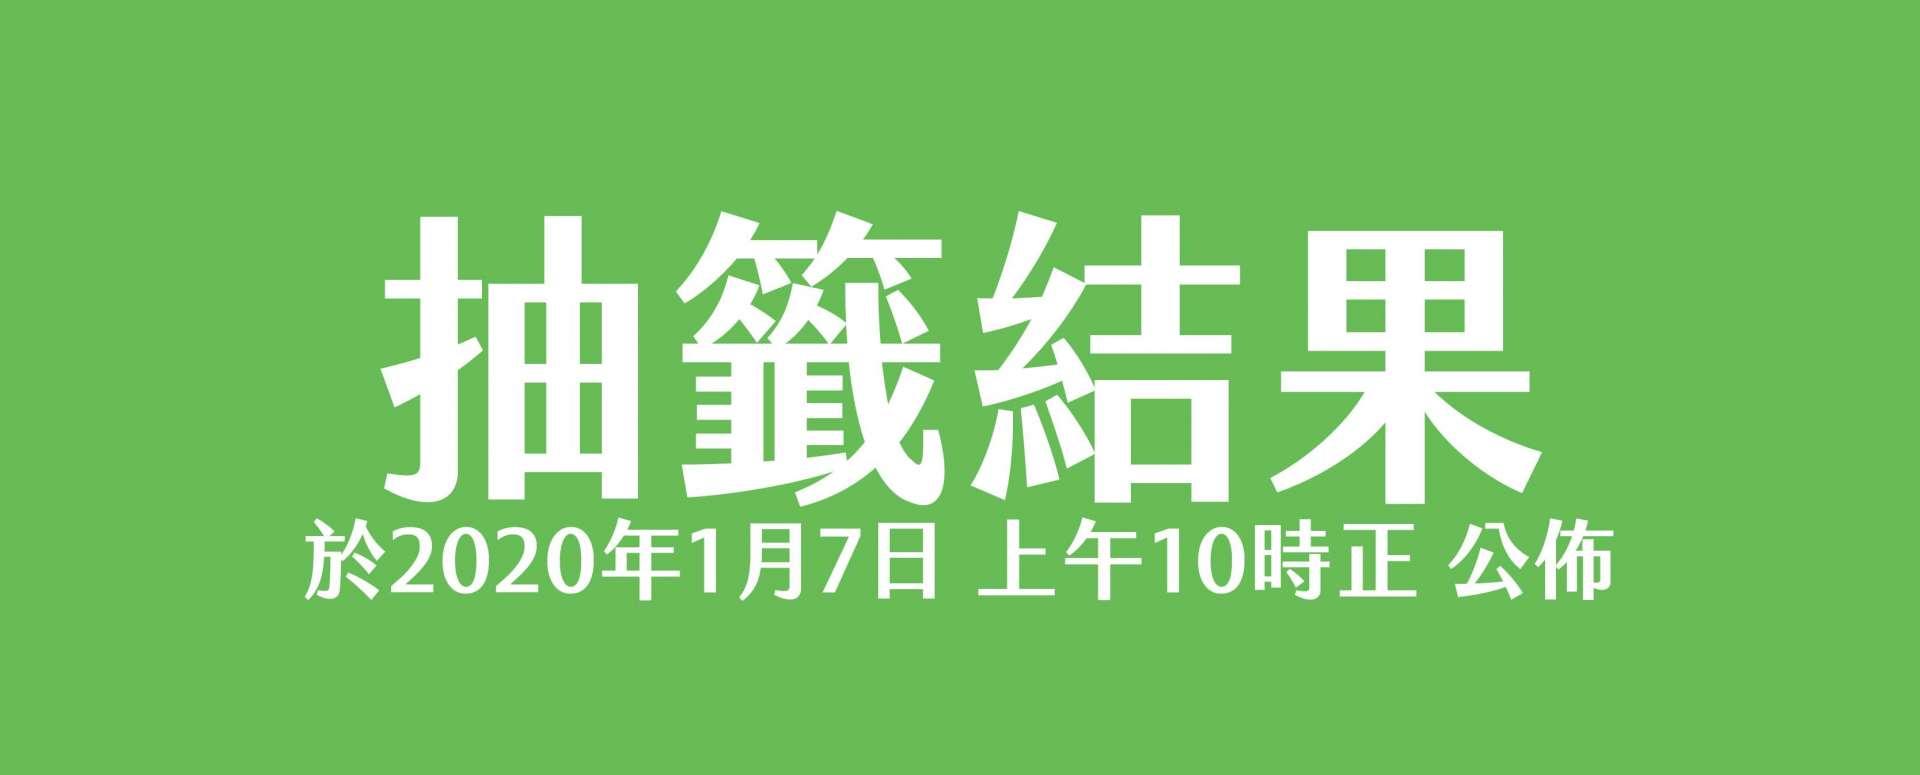 中籤結果button_phone-01